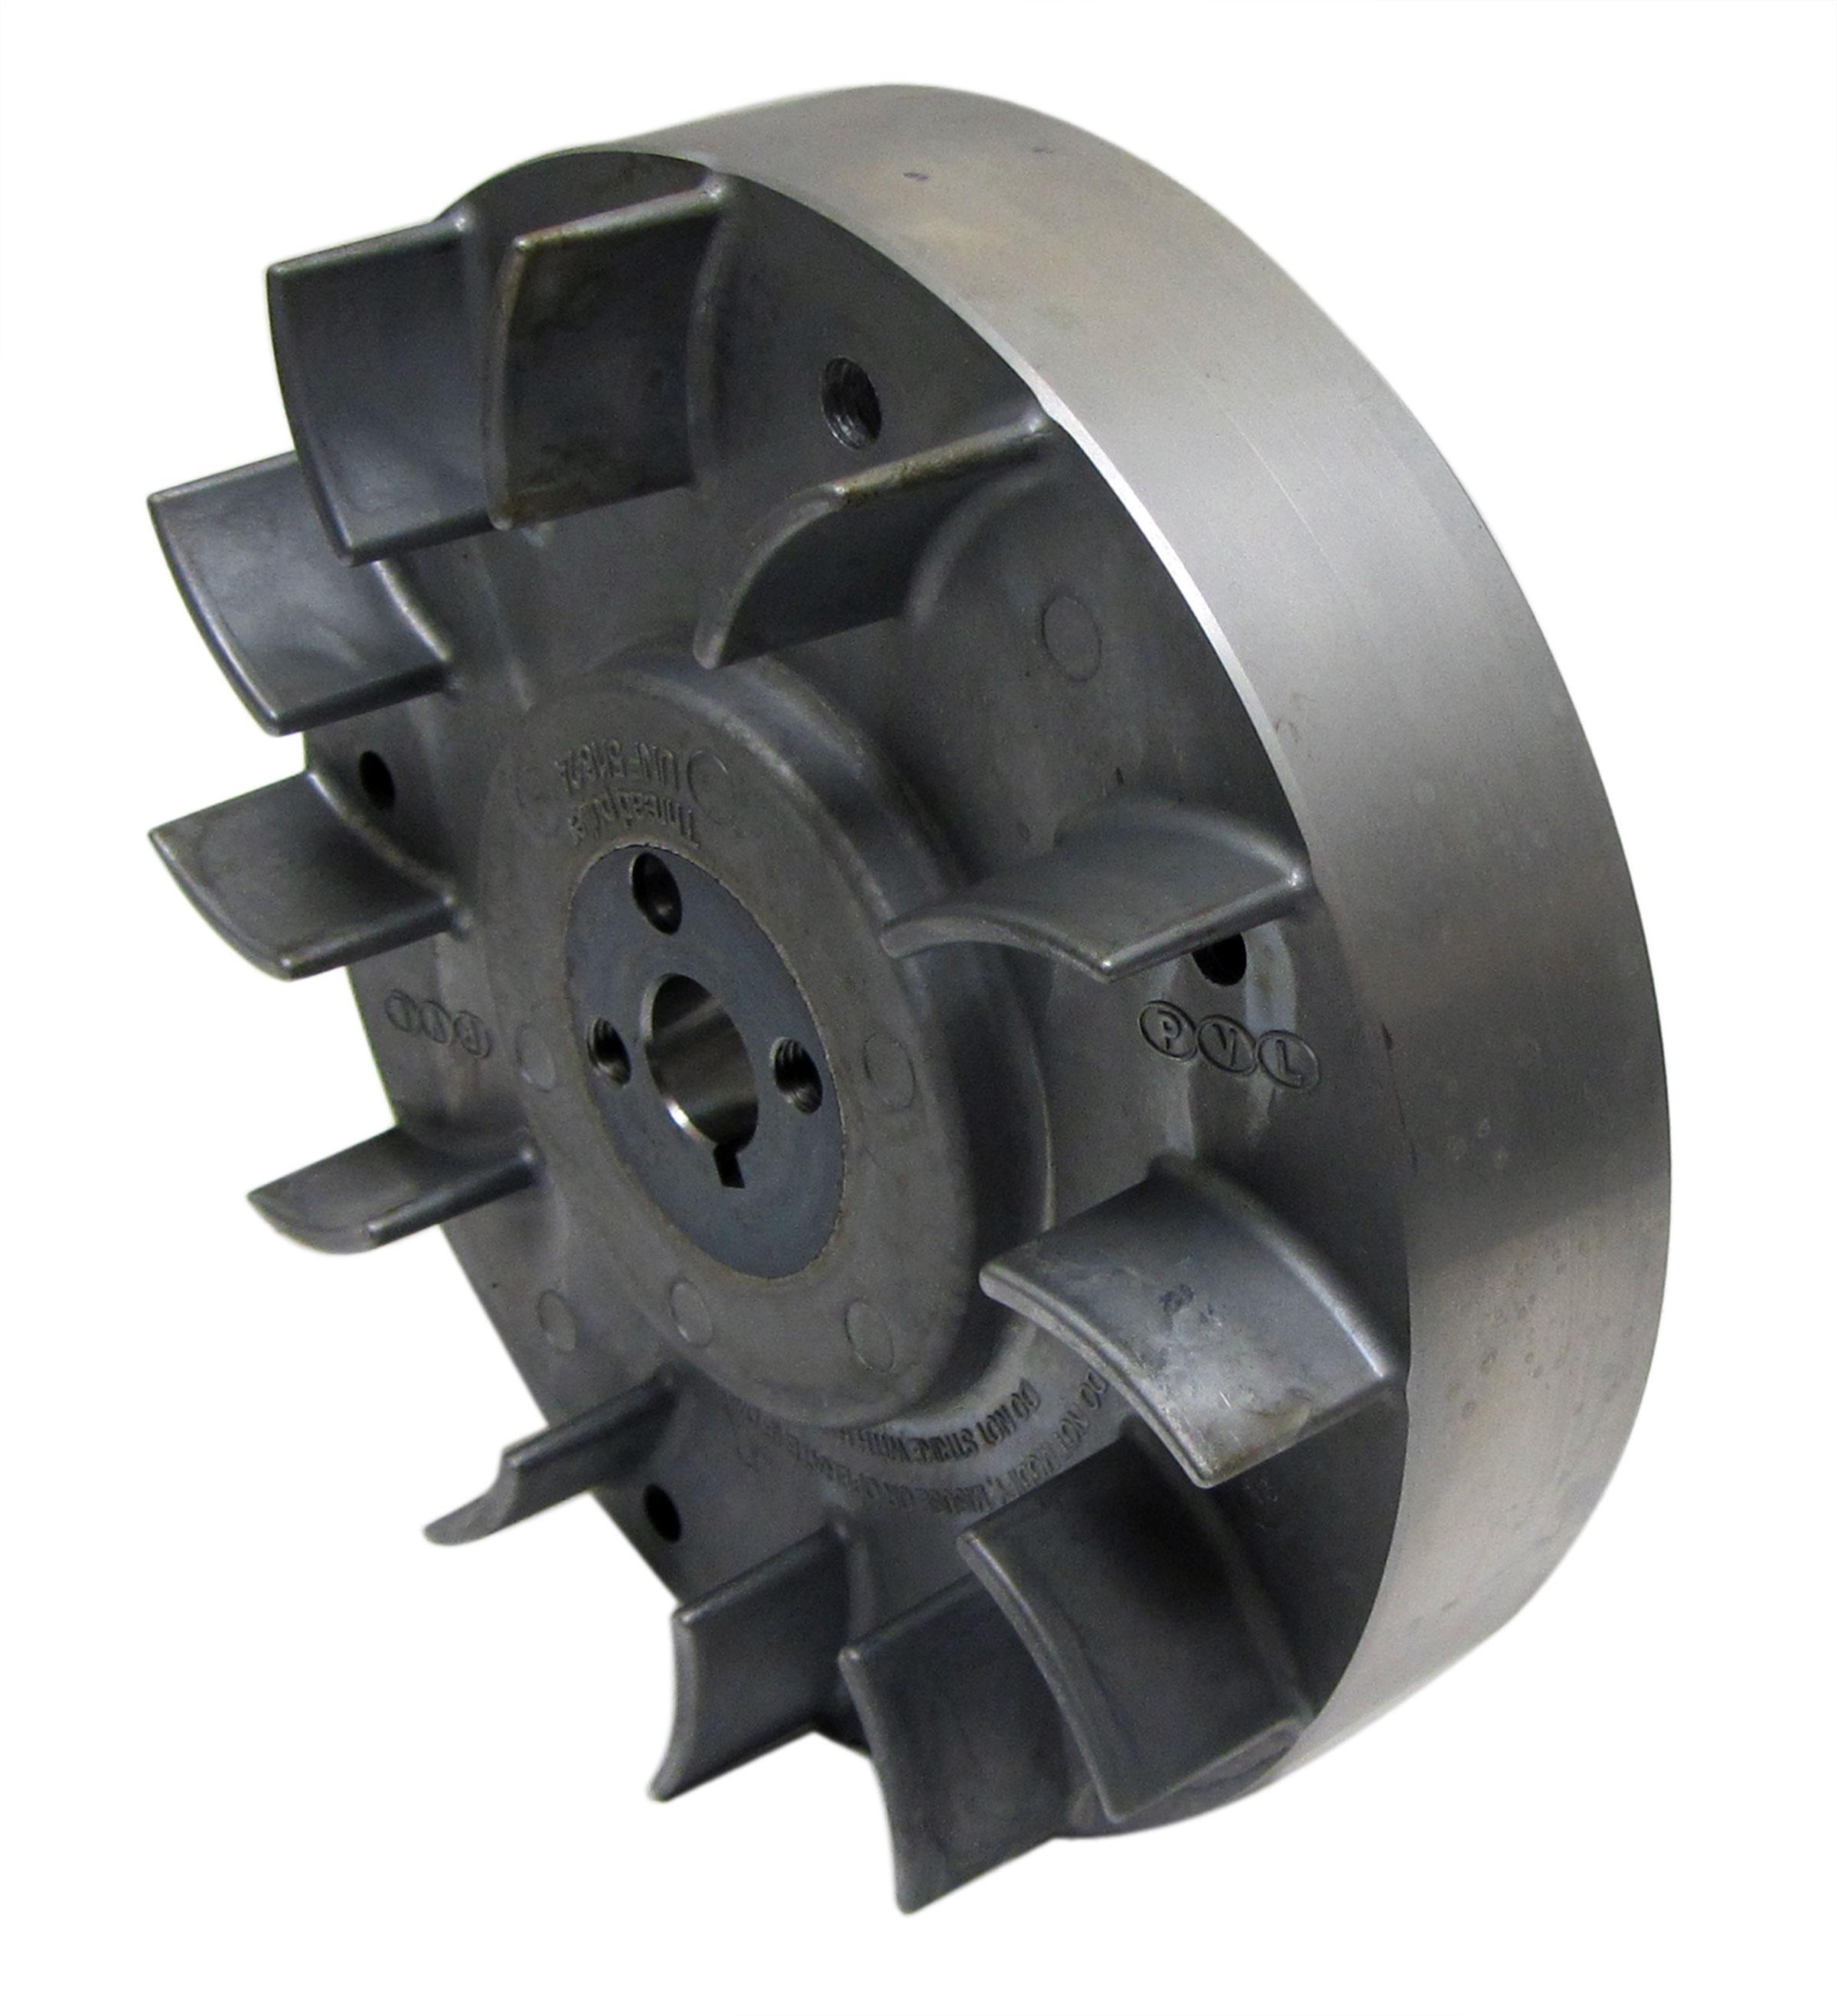 PVL Flywheel for Clone, GX160, or GX200 Engine